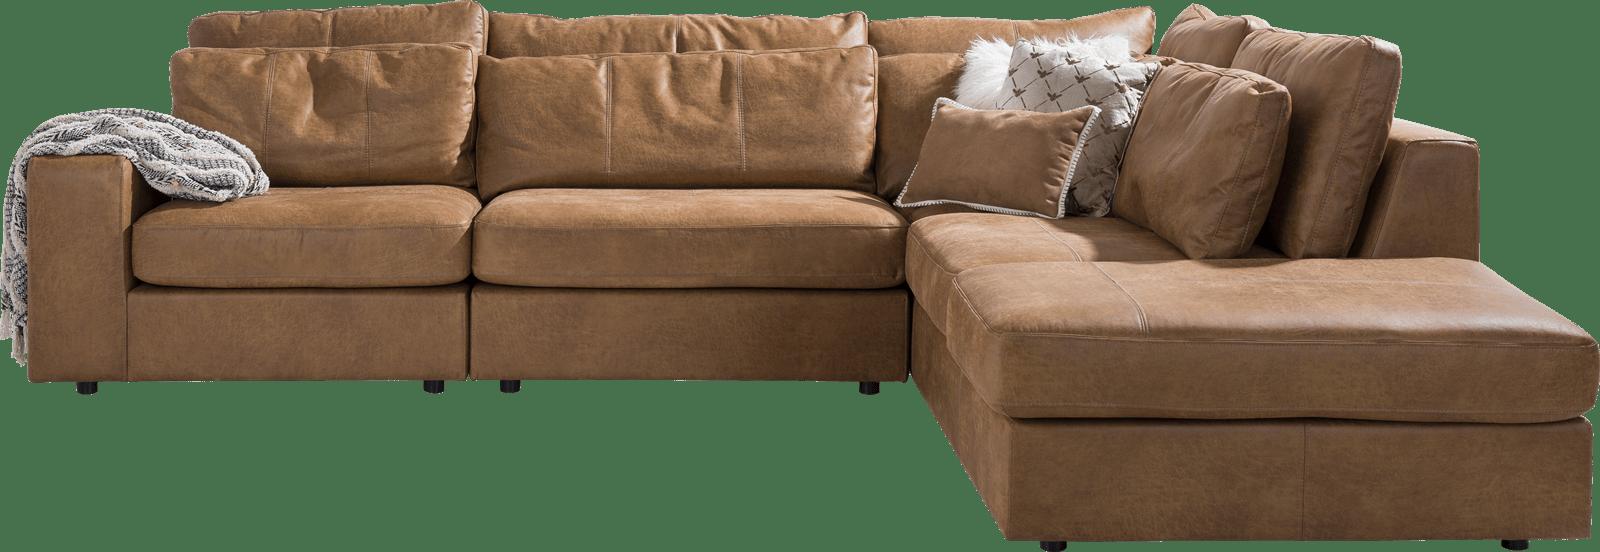 Braga - 1-sitzer xl ohne armlehnen - 105 cm